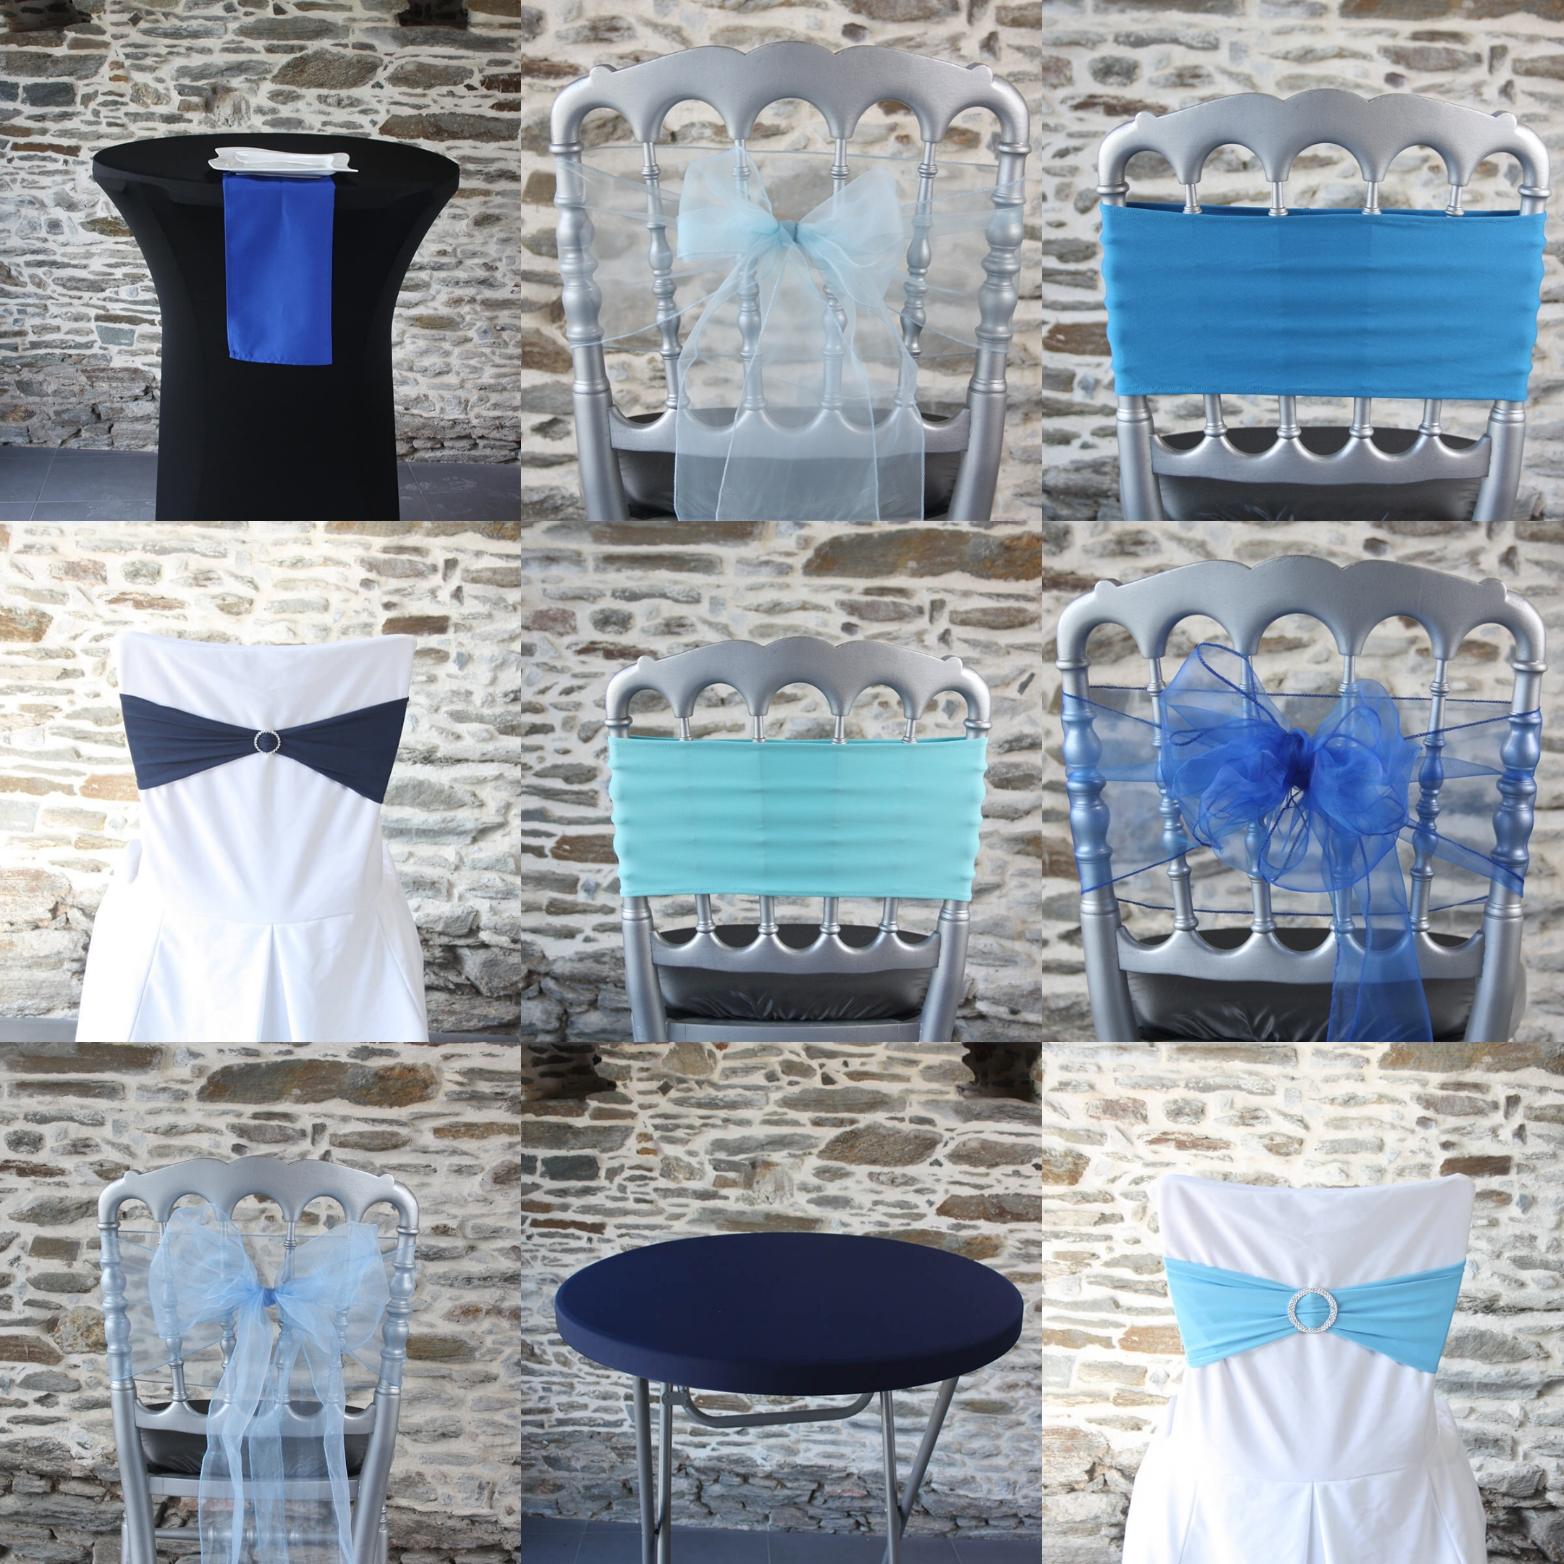 le bleu se décline partout pour l'hiver 2019 : noeud de chaise, housse de mange debout, housse de chaise